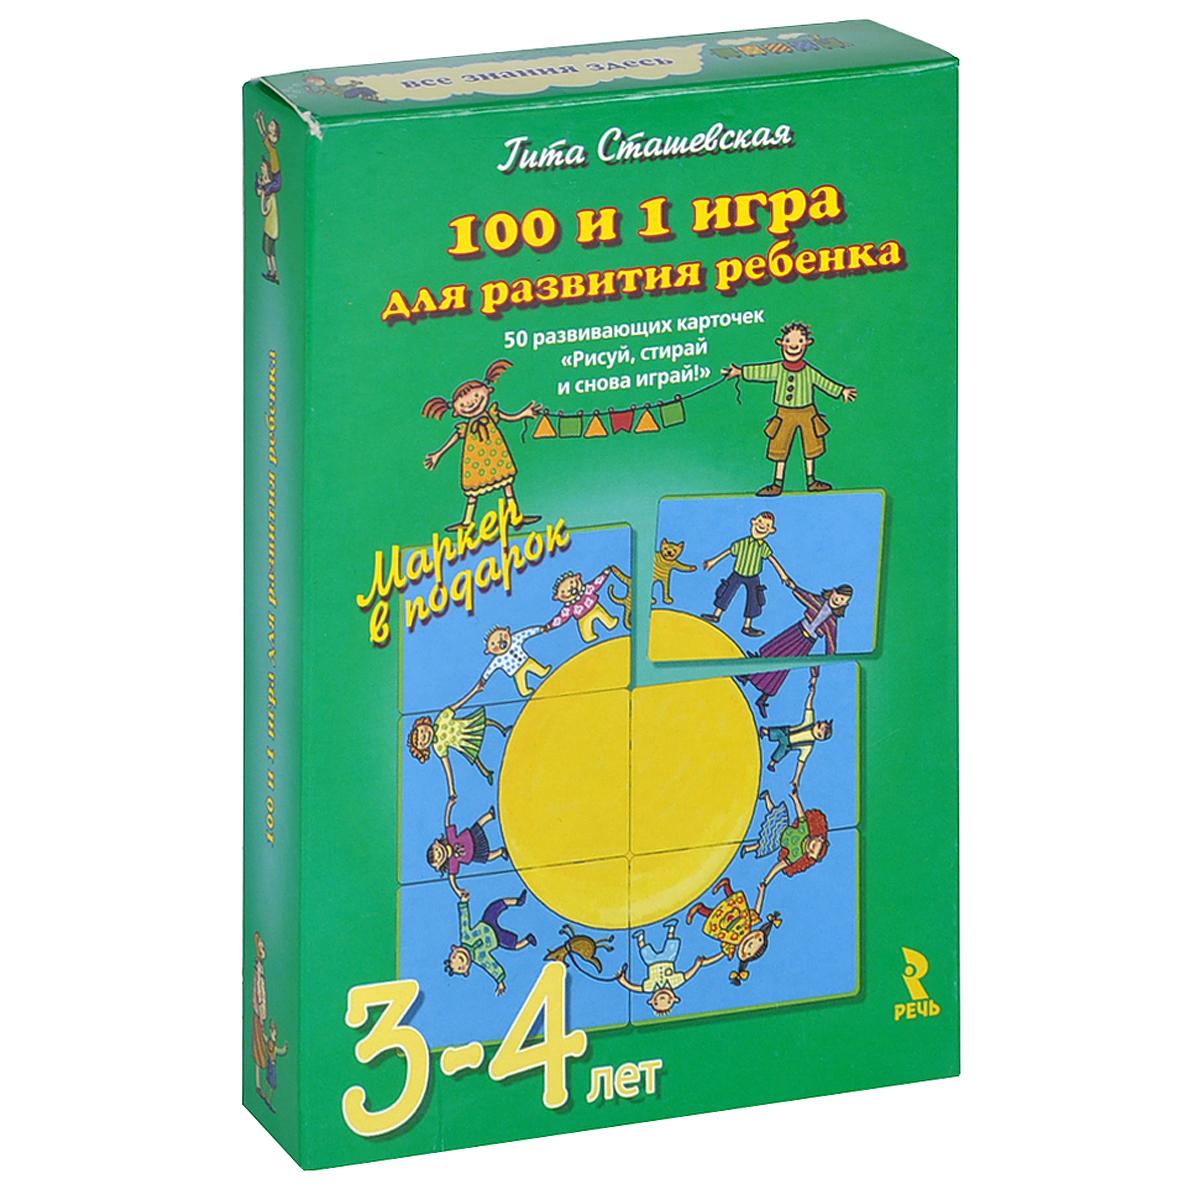 Гита Сташевская. 100 и 1 игра для развития ребенка 3-4 лет (набор из 50 карточек + маркер)